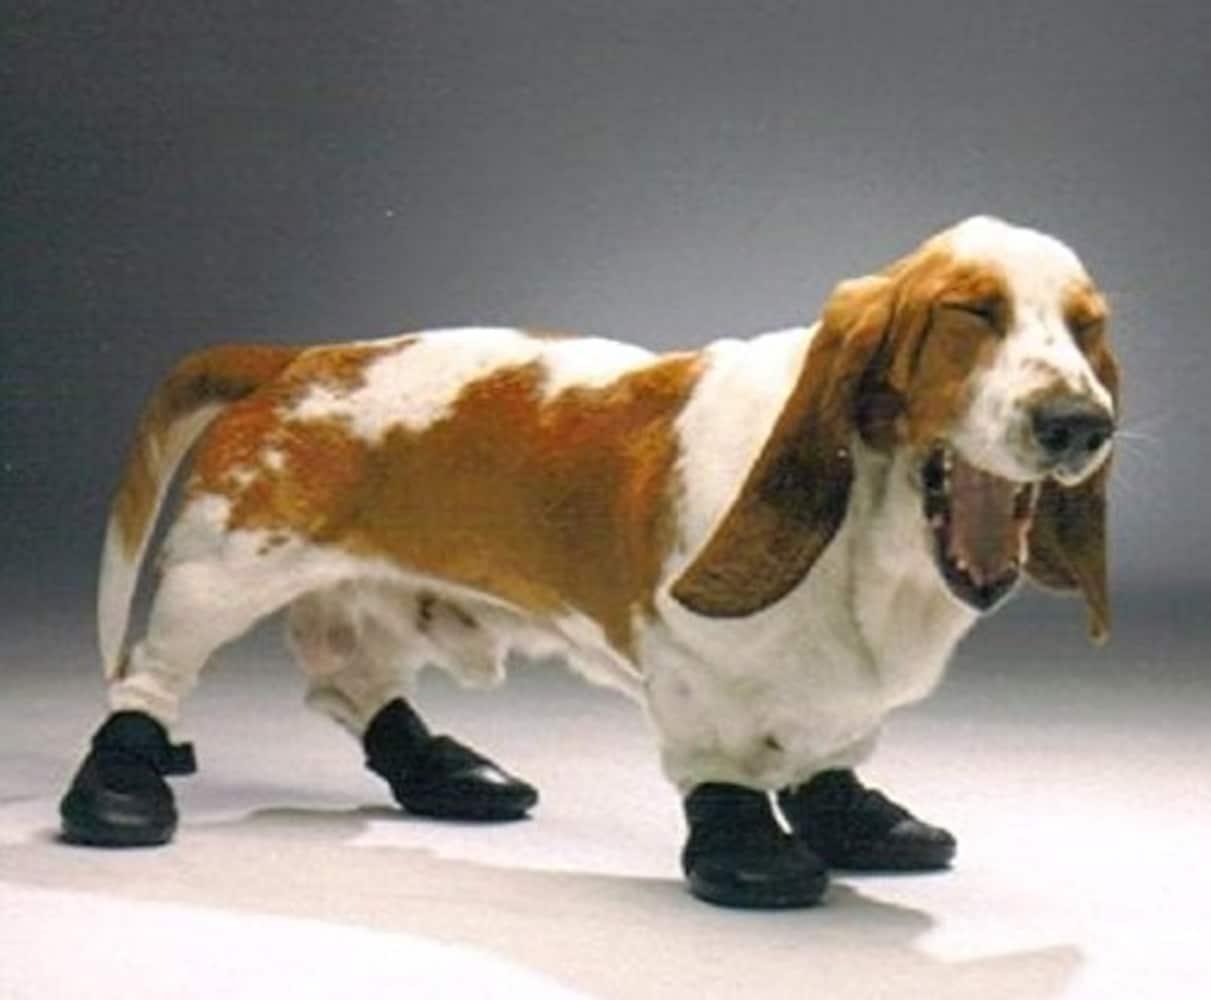 ナックリング防止用ブーツ